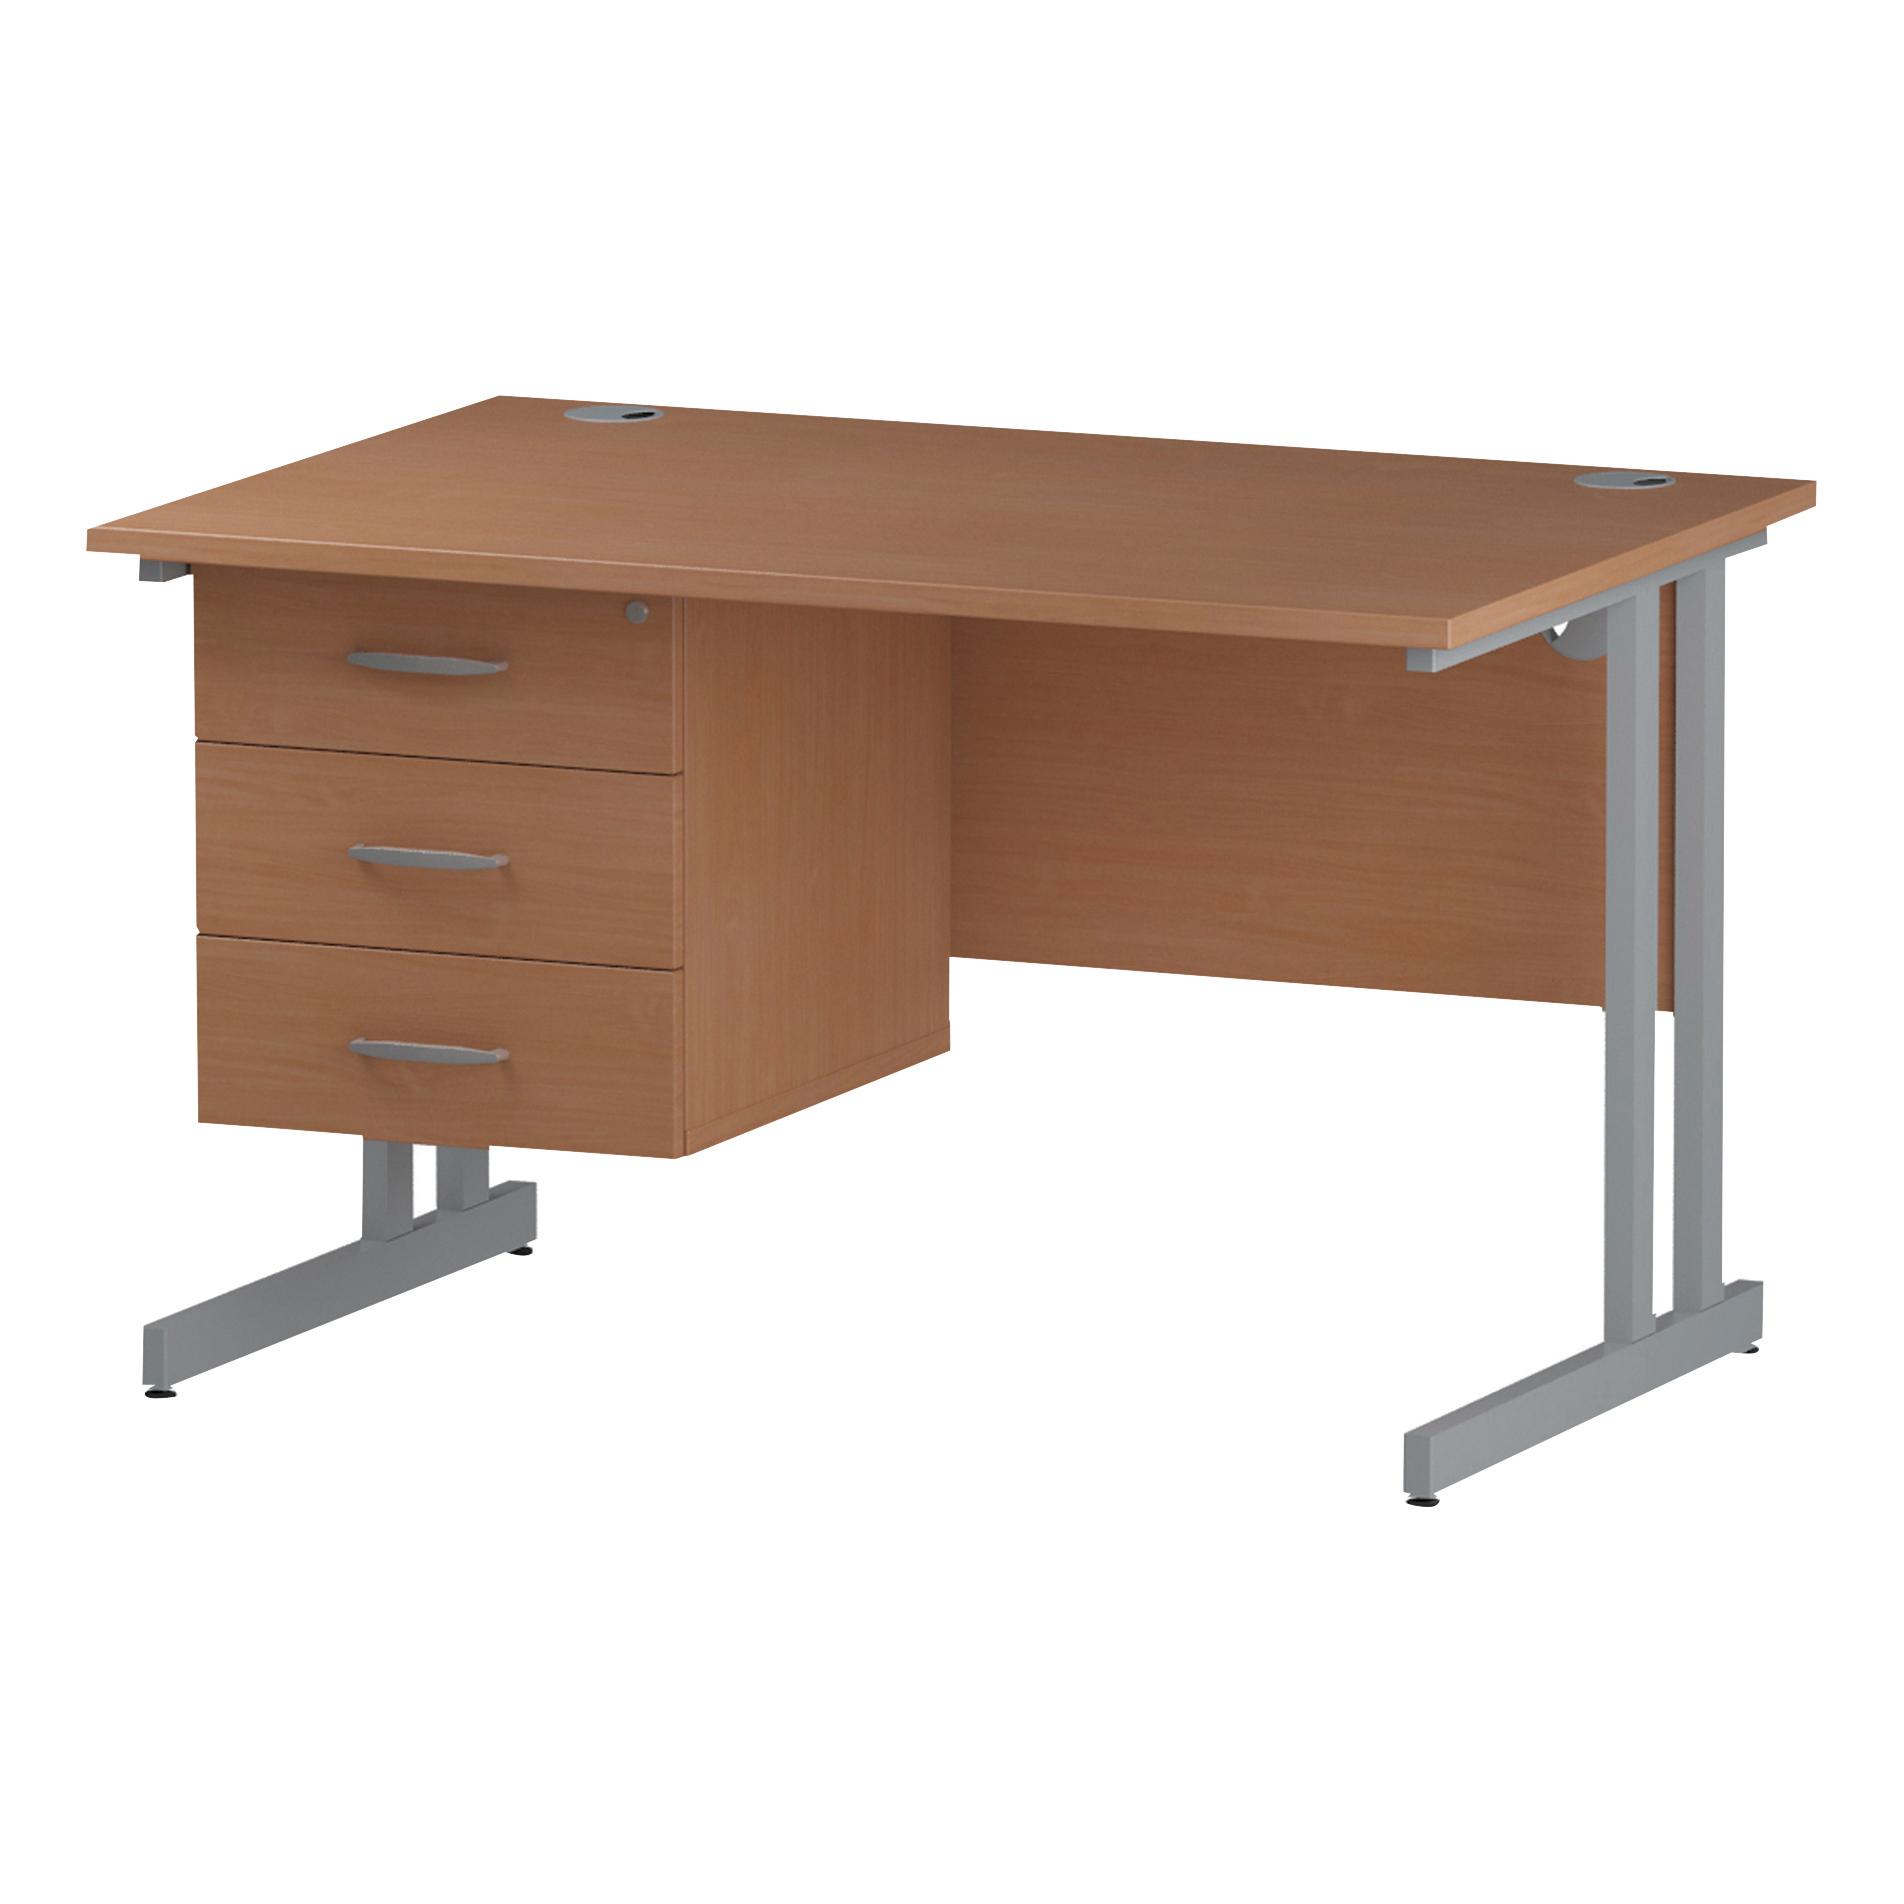 Trexus Rectangular Desk Silver Cantilever Leg 1200x800mm Fixed Pedestal 3 Drawers Beech Ref I001696